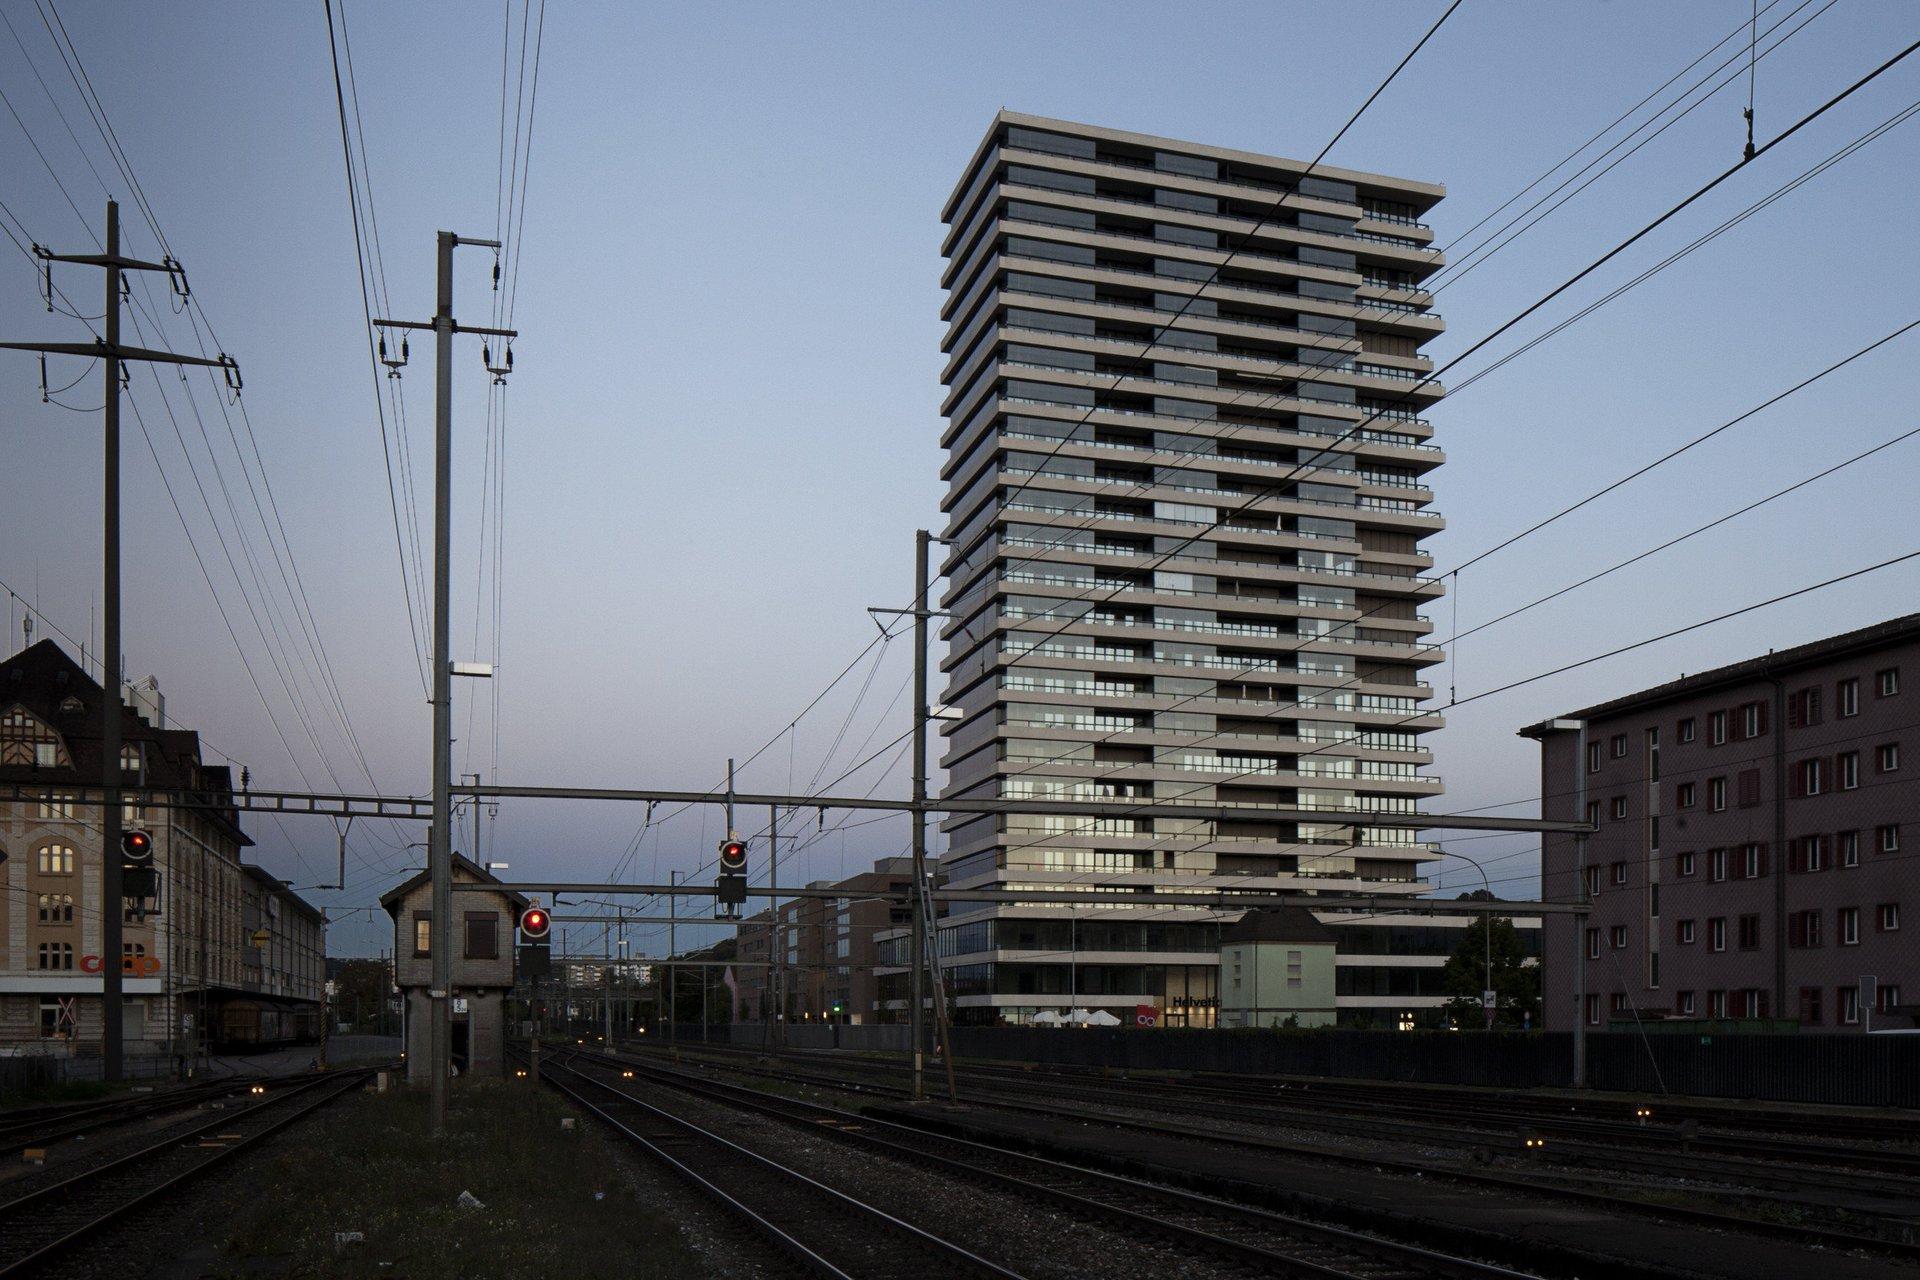 Sicht von Gleisen aus auf Hochhaus mit gleichmässiger Fensterfront und Betonfassade